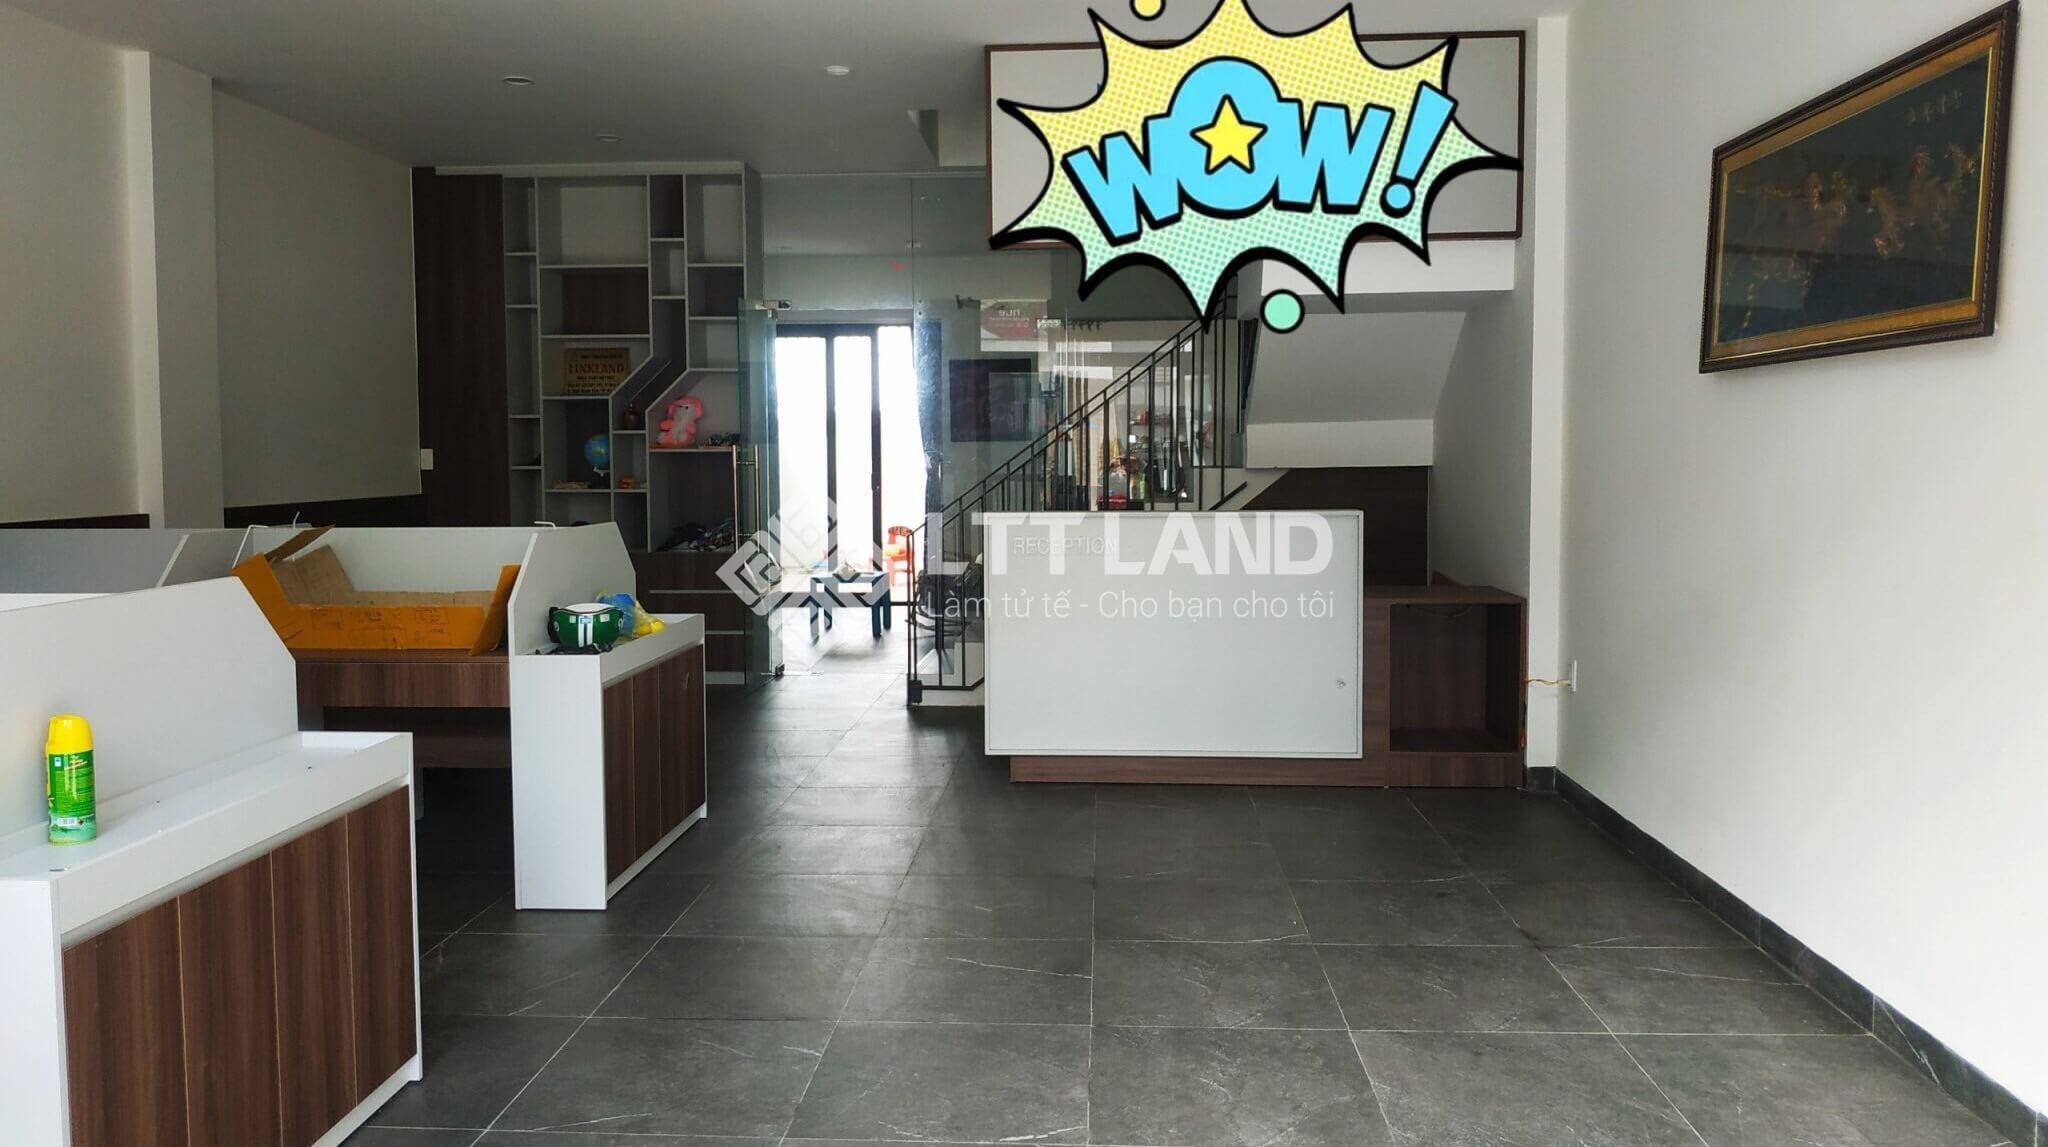 Bán nhà đầy đủ nội thất FPT Đà Nẵng